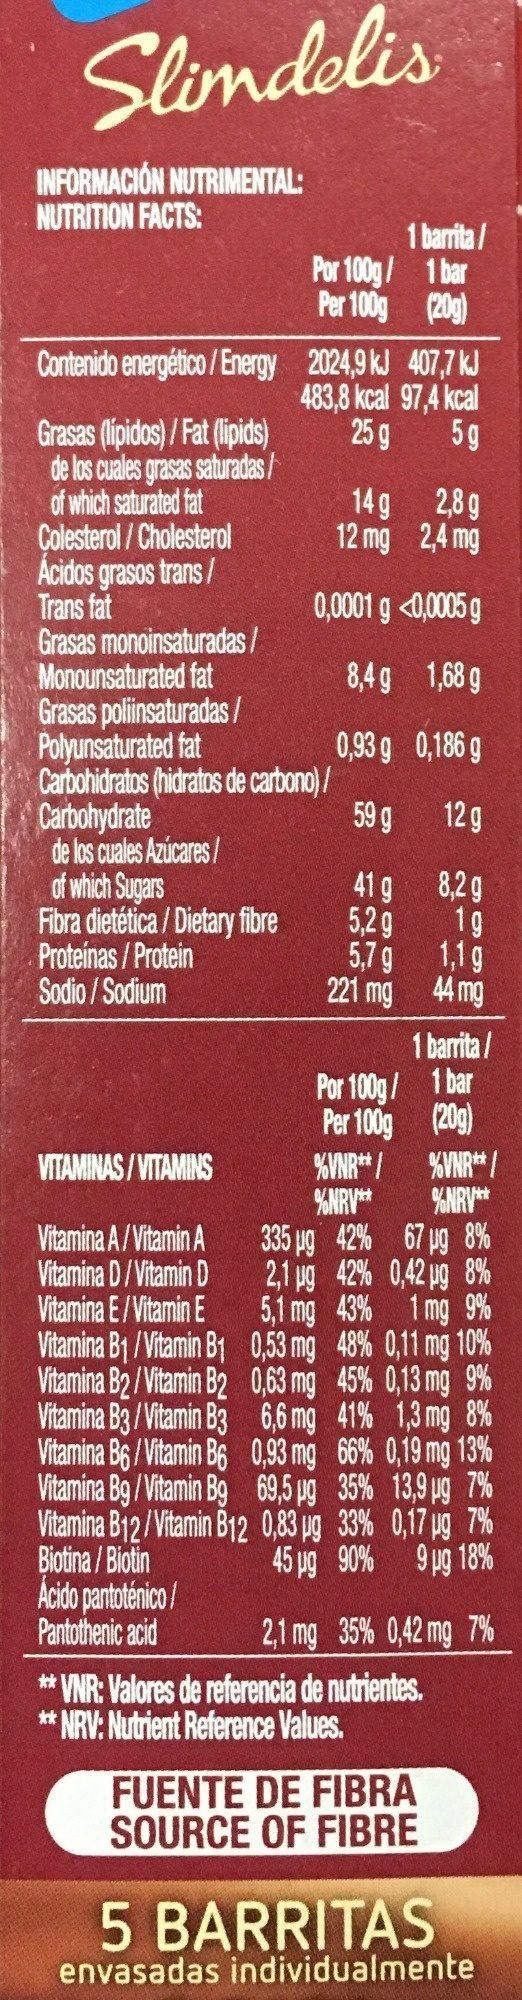 slimdelis - Nutrition facts - es